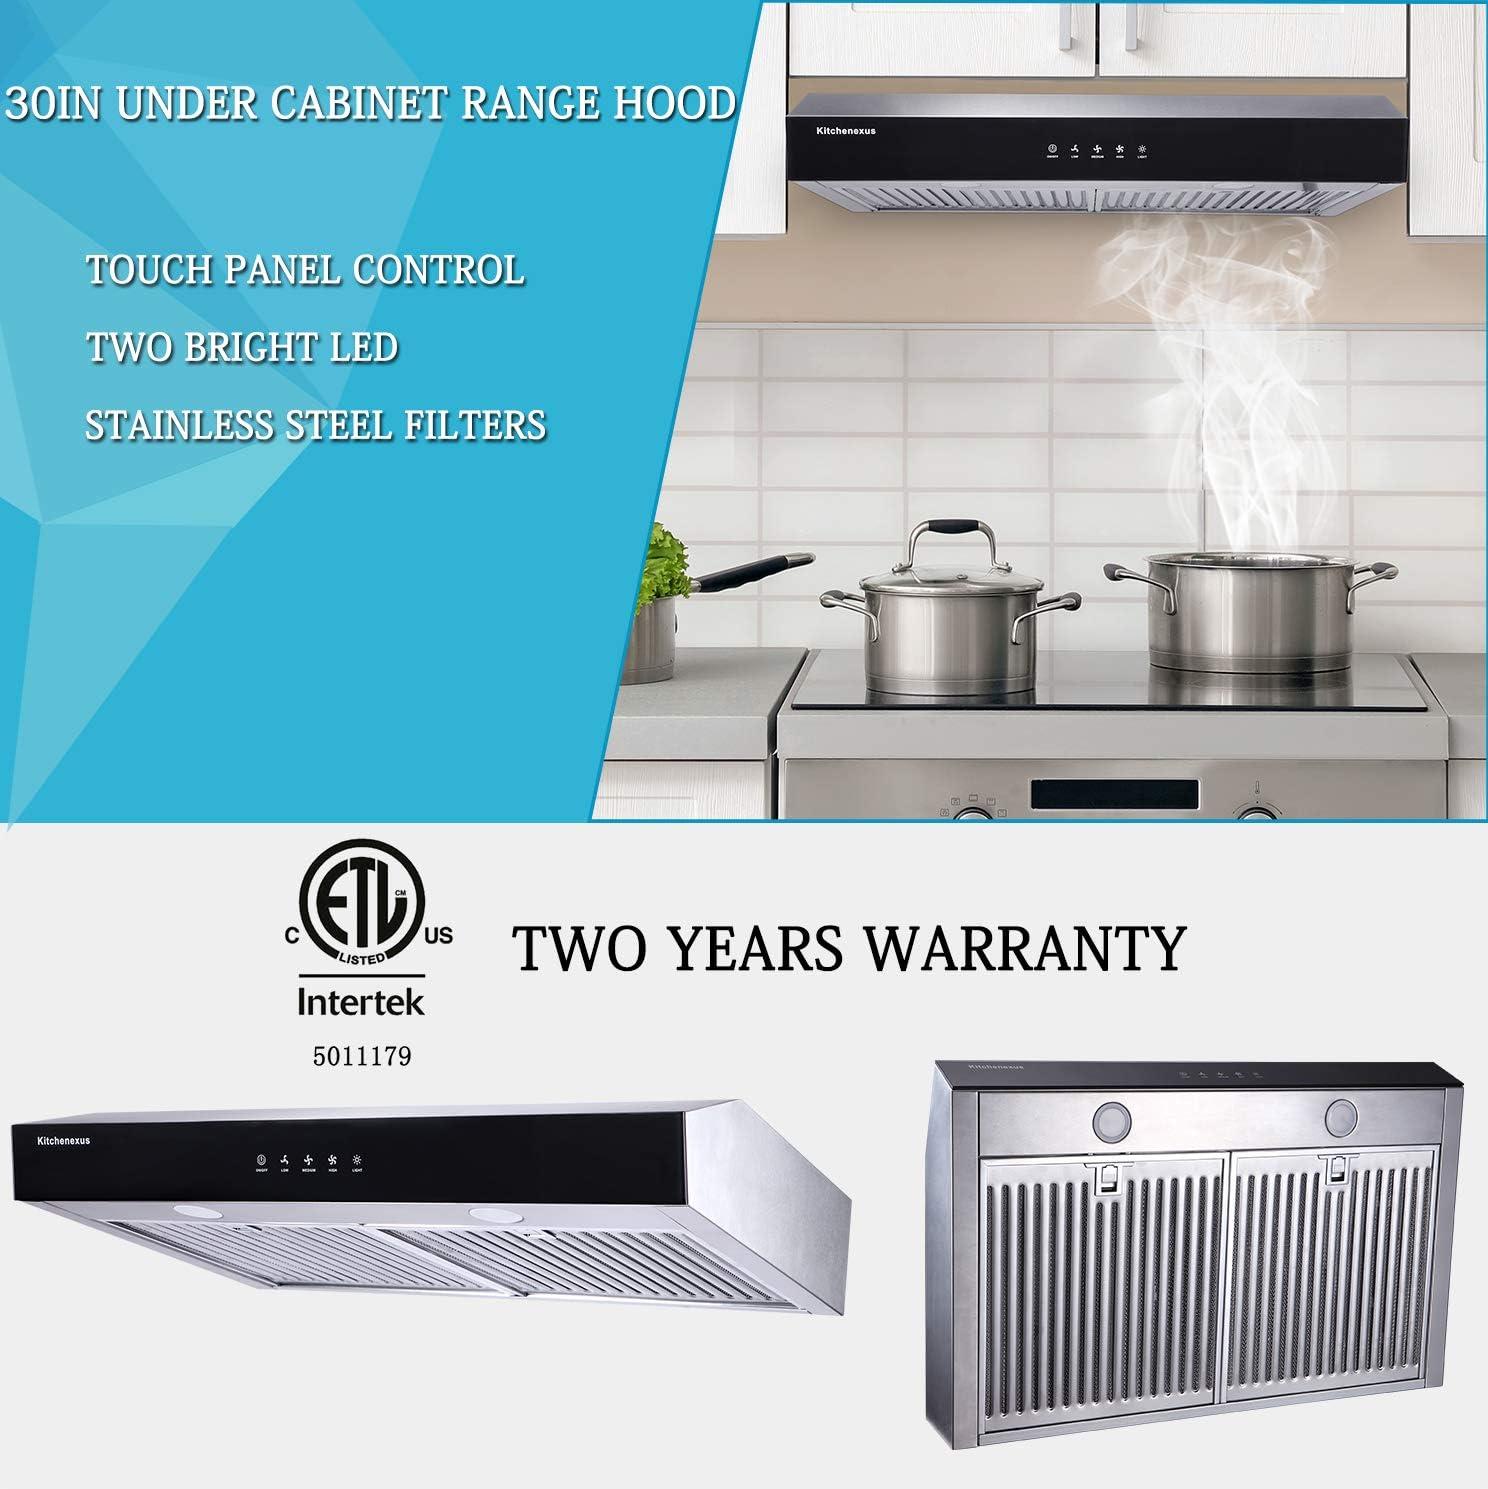 Kitchenexus - Campana de acero inoxidable 300CFM para debajo del armario, sin conductos, pantalla táctil negra, campana de ventilación de cocina con iluminación LED y filtros híbridos de acero inoxidable: Amazon.es: Grandes